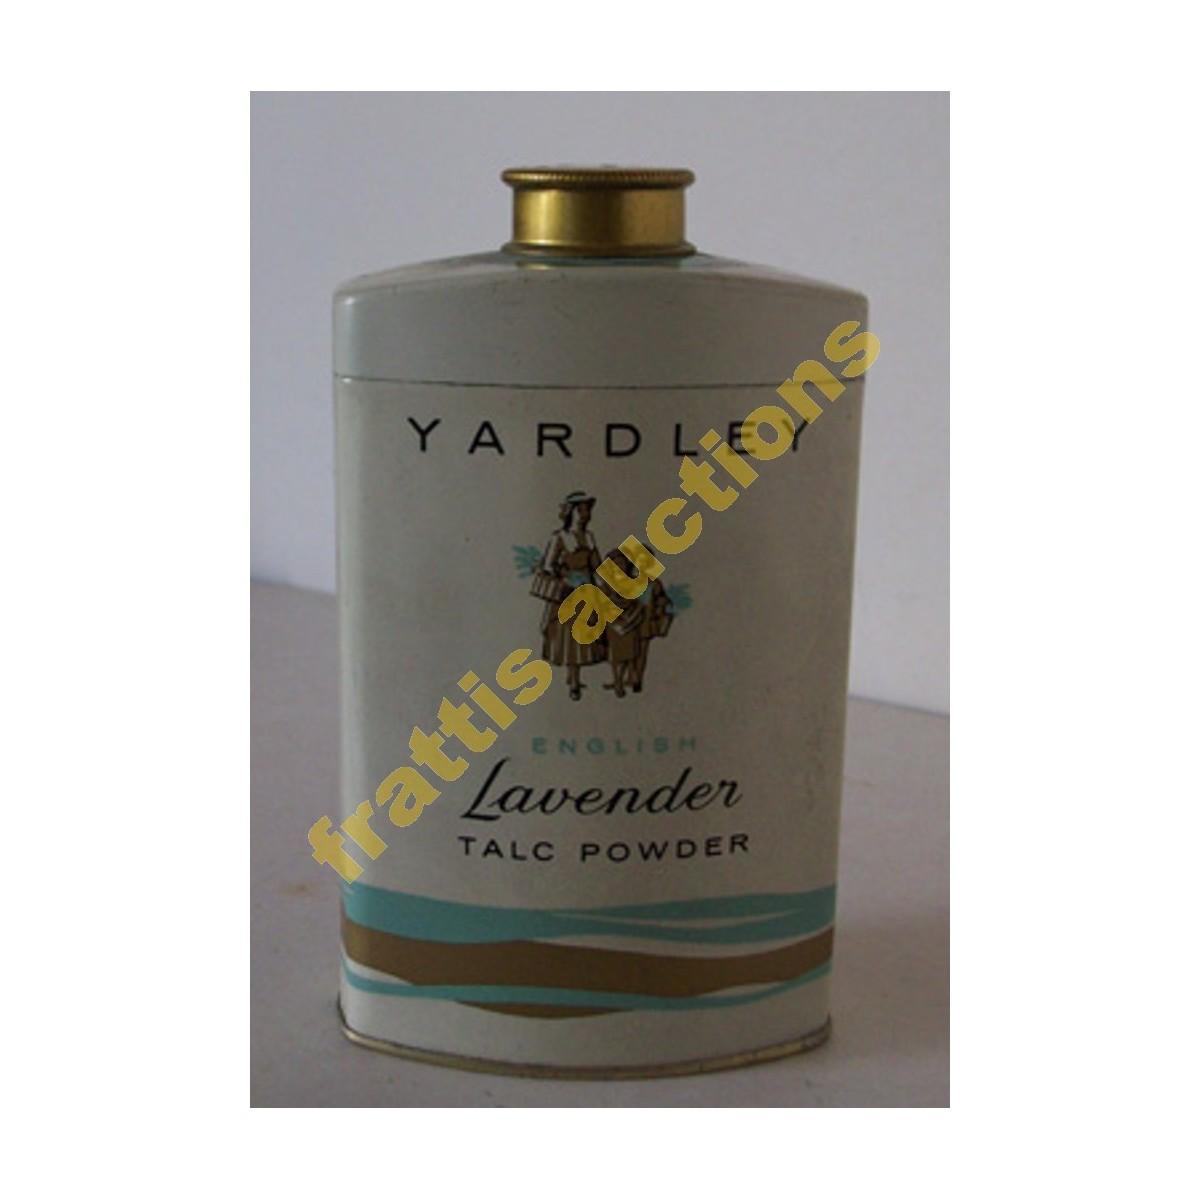 Μεταλλικό κουτί ταλκ Yardley lavender.